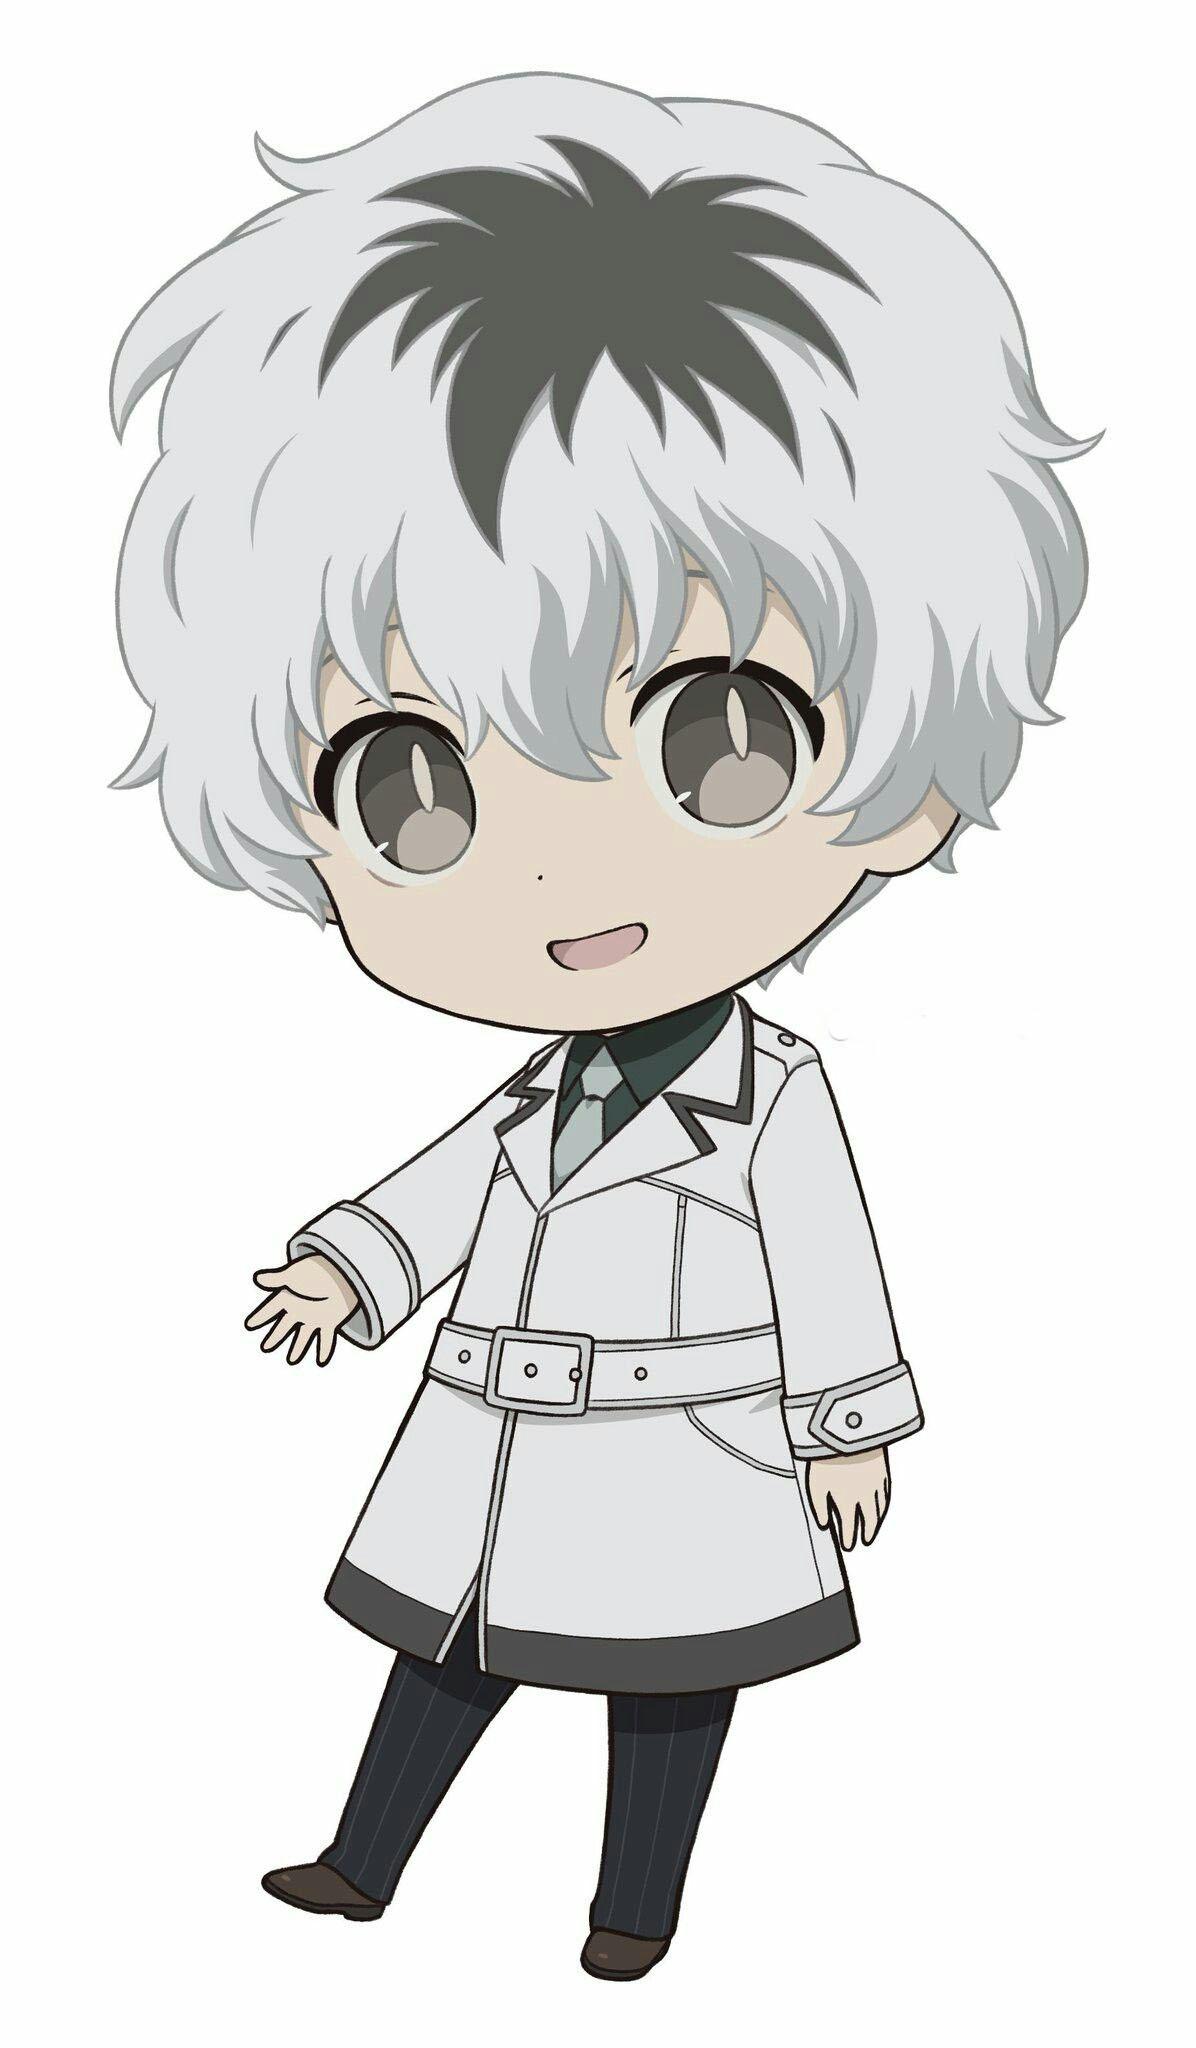 Hình ảnh đẹp anime chibi boy